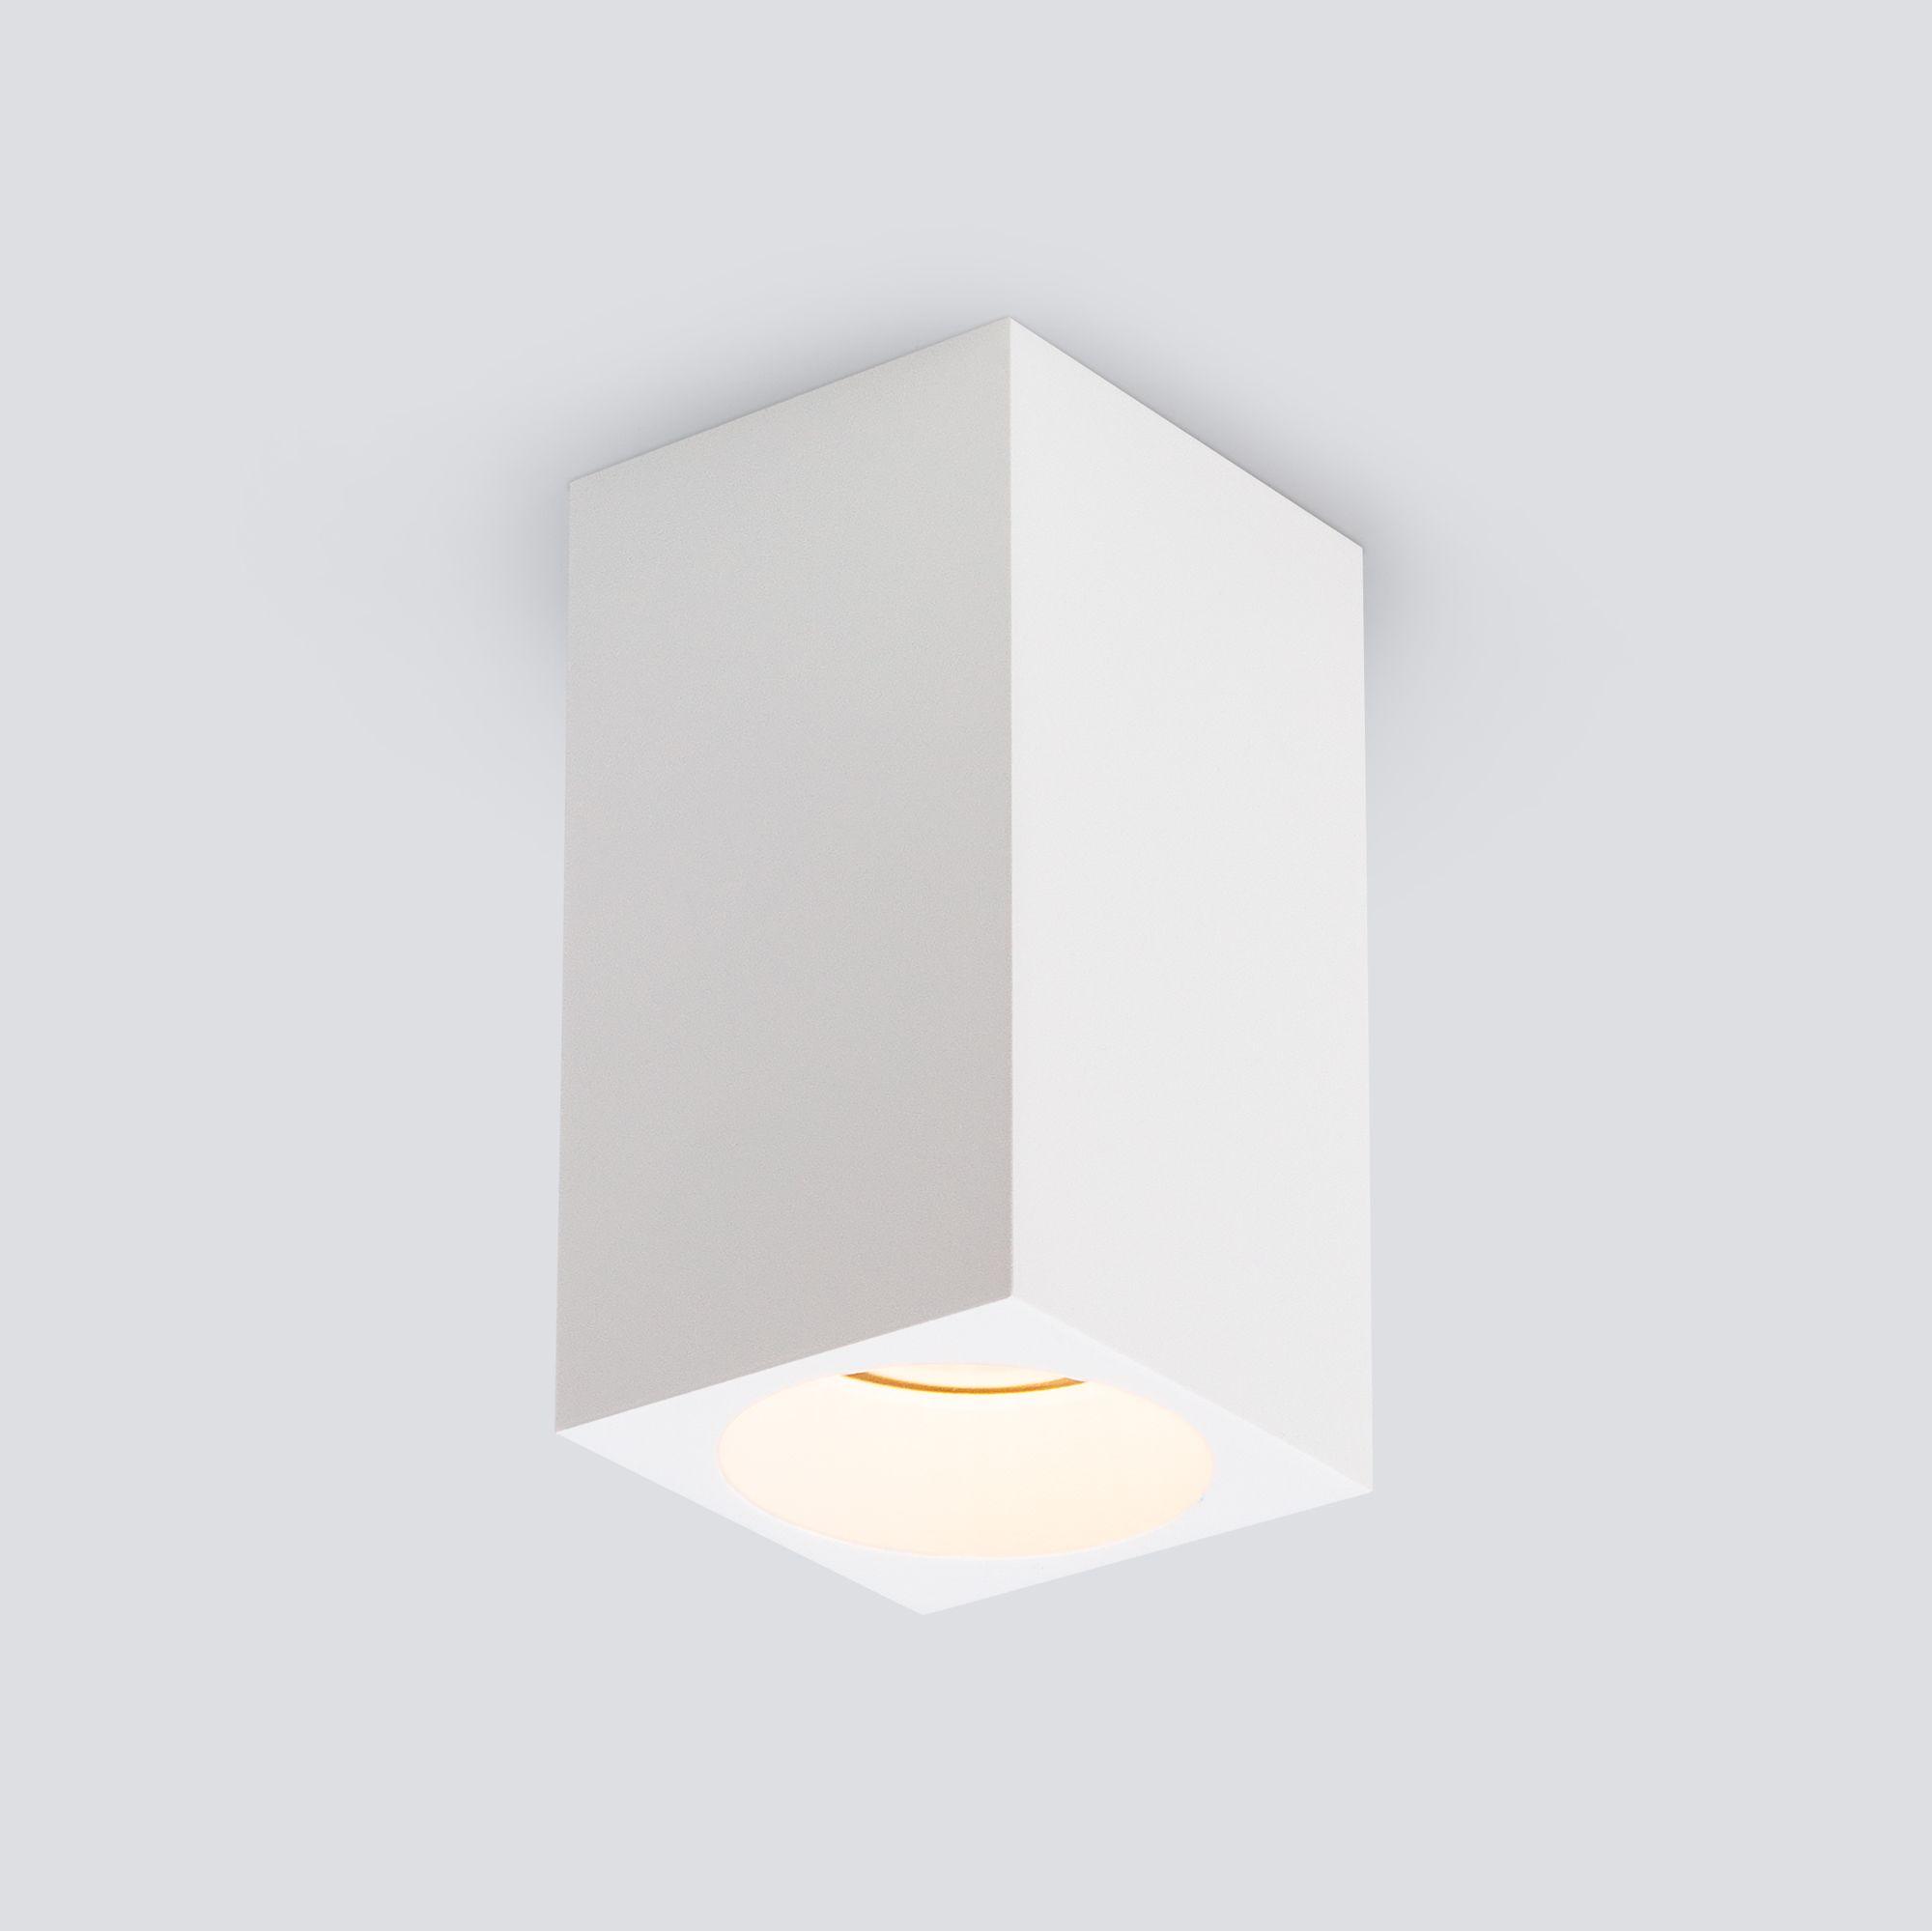 Накладной точечный светильник 1085 GU10 WH белый матовый